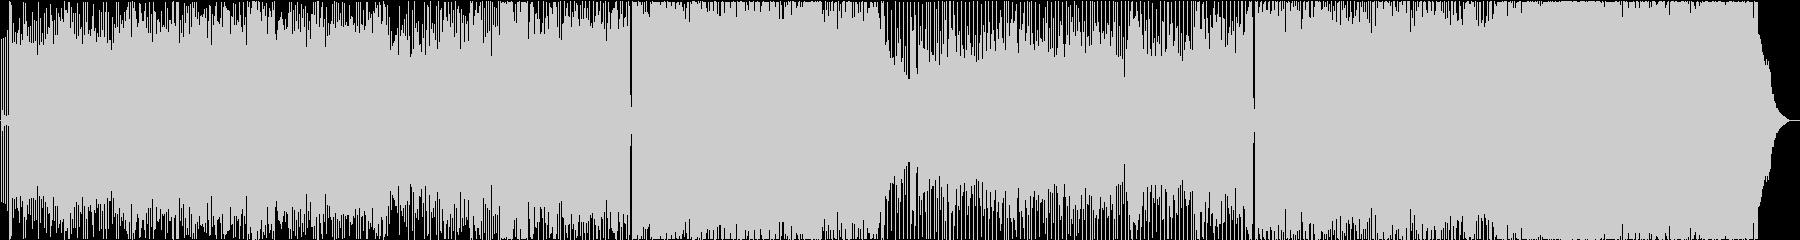 シャッフルビートのギターロックの未再生の波形